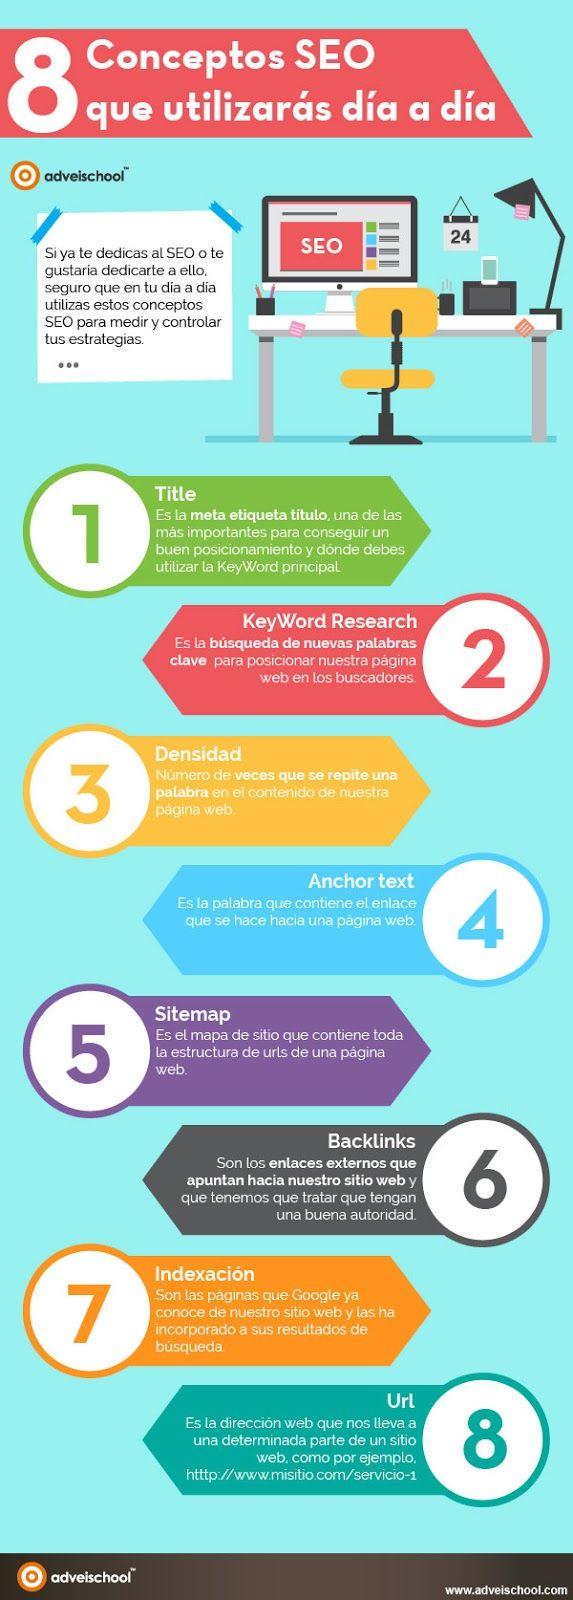 8 conceptos SEO que usarás en el día a día